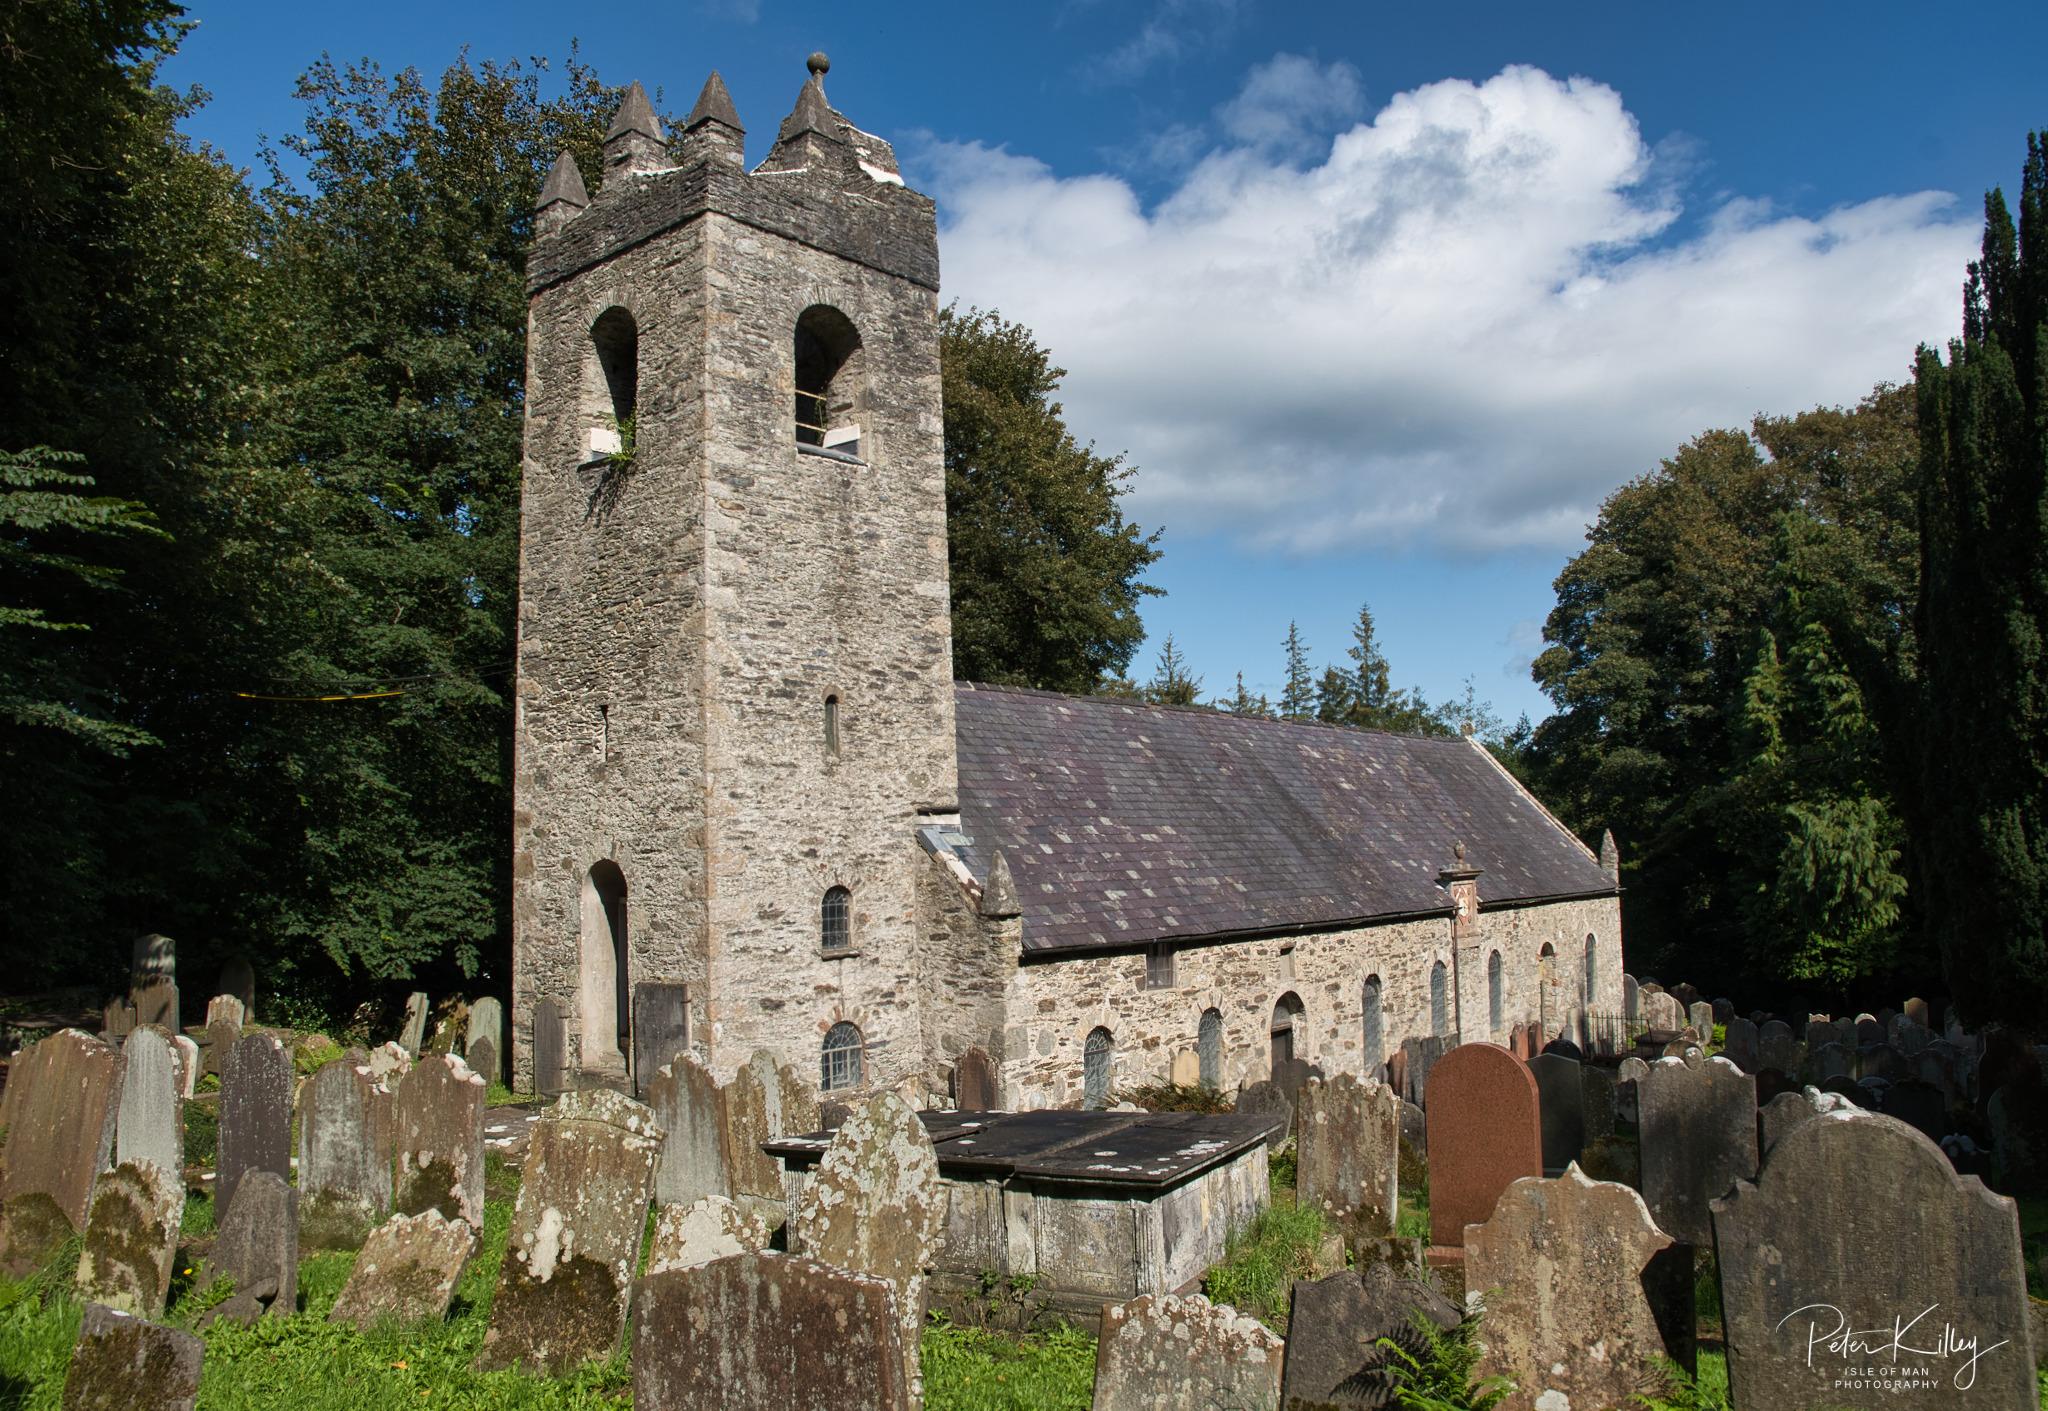 Old Kirk Braddan Church -  © Peter Killey - www.manxscenes.com